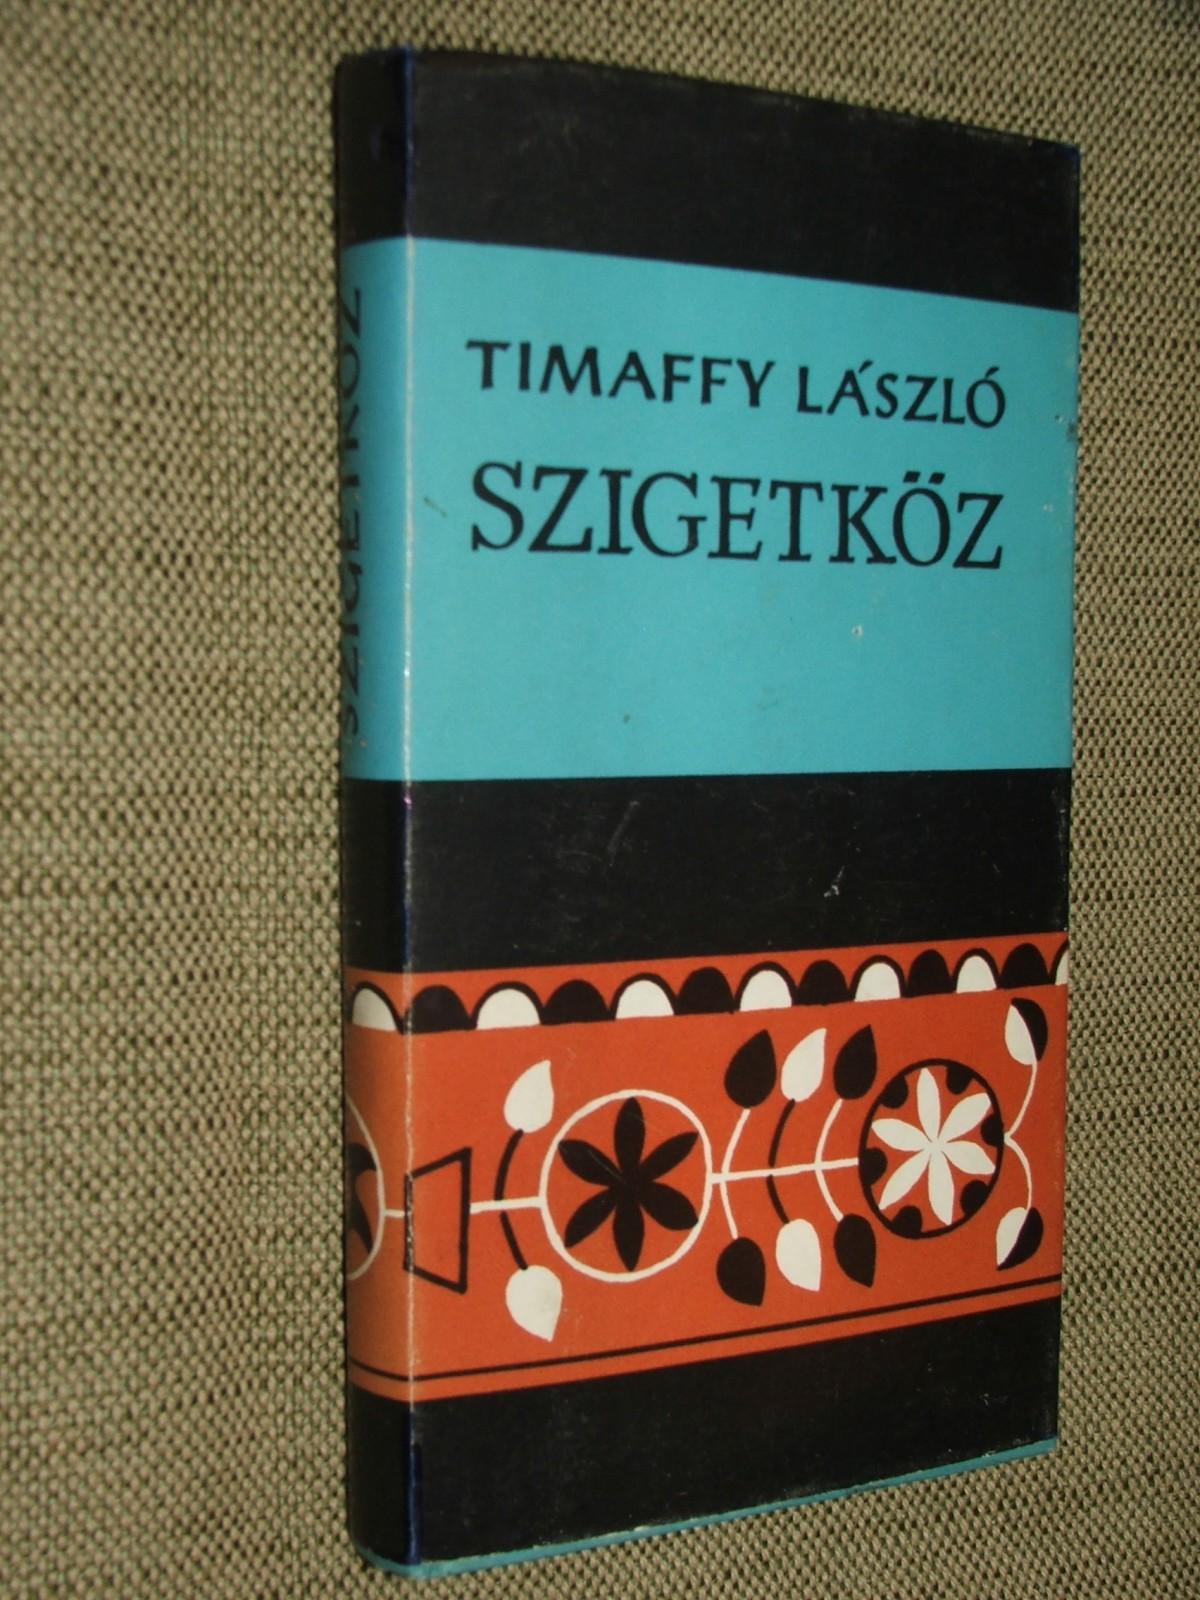 TIMAFFY László: Szigetköz